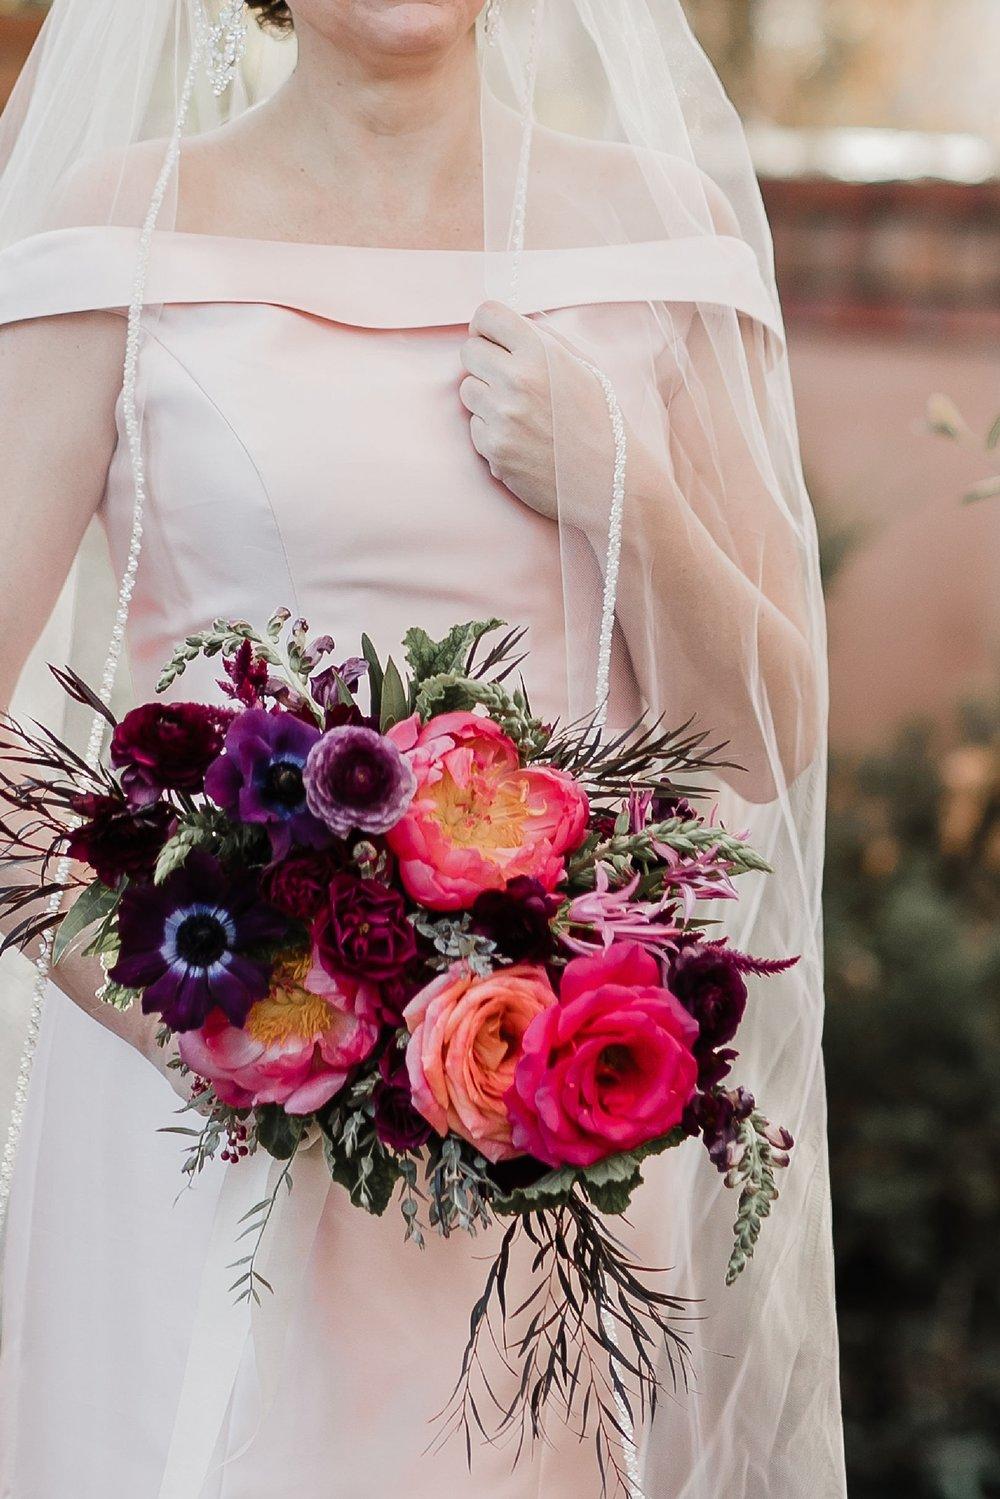 Alicia+lucia+photography+-+albuquerque+wedding+photographer+-+santa+fe+wedding+photography+-+new+mexico+wedding+photographer+-+new+mexico+wedding+-+albuquerque+wedding+-+los+poblanos+wedding+-+fall+wedding_0038.jpg